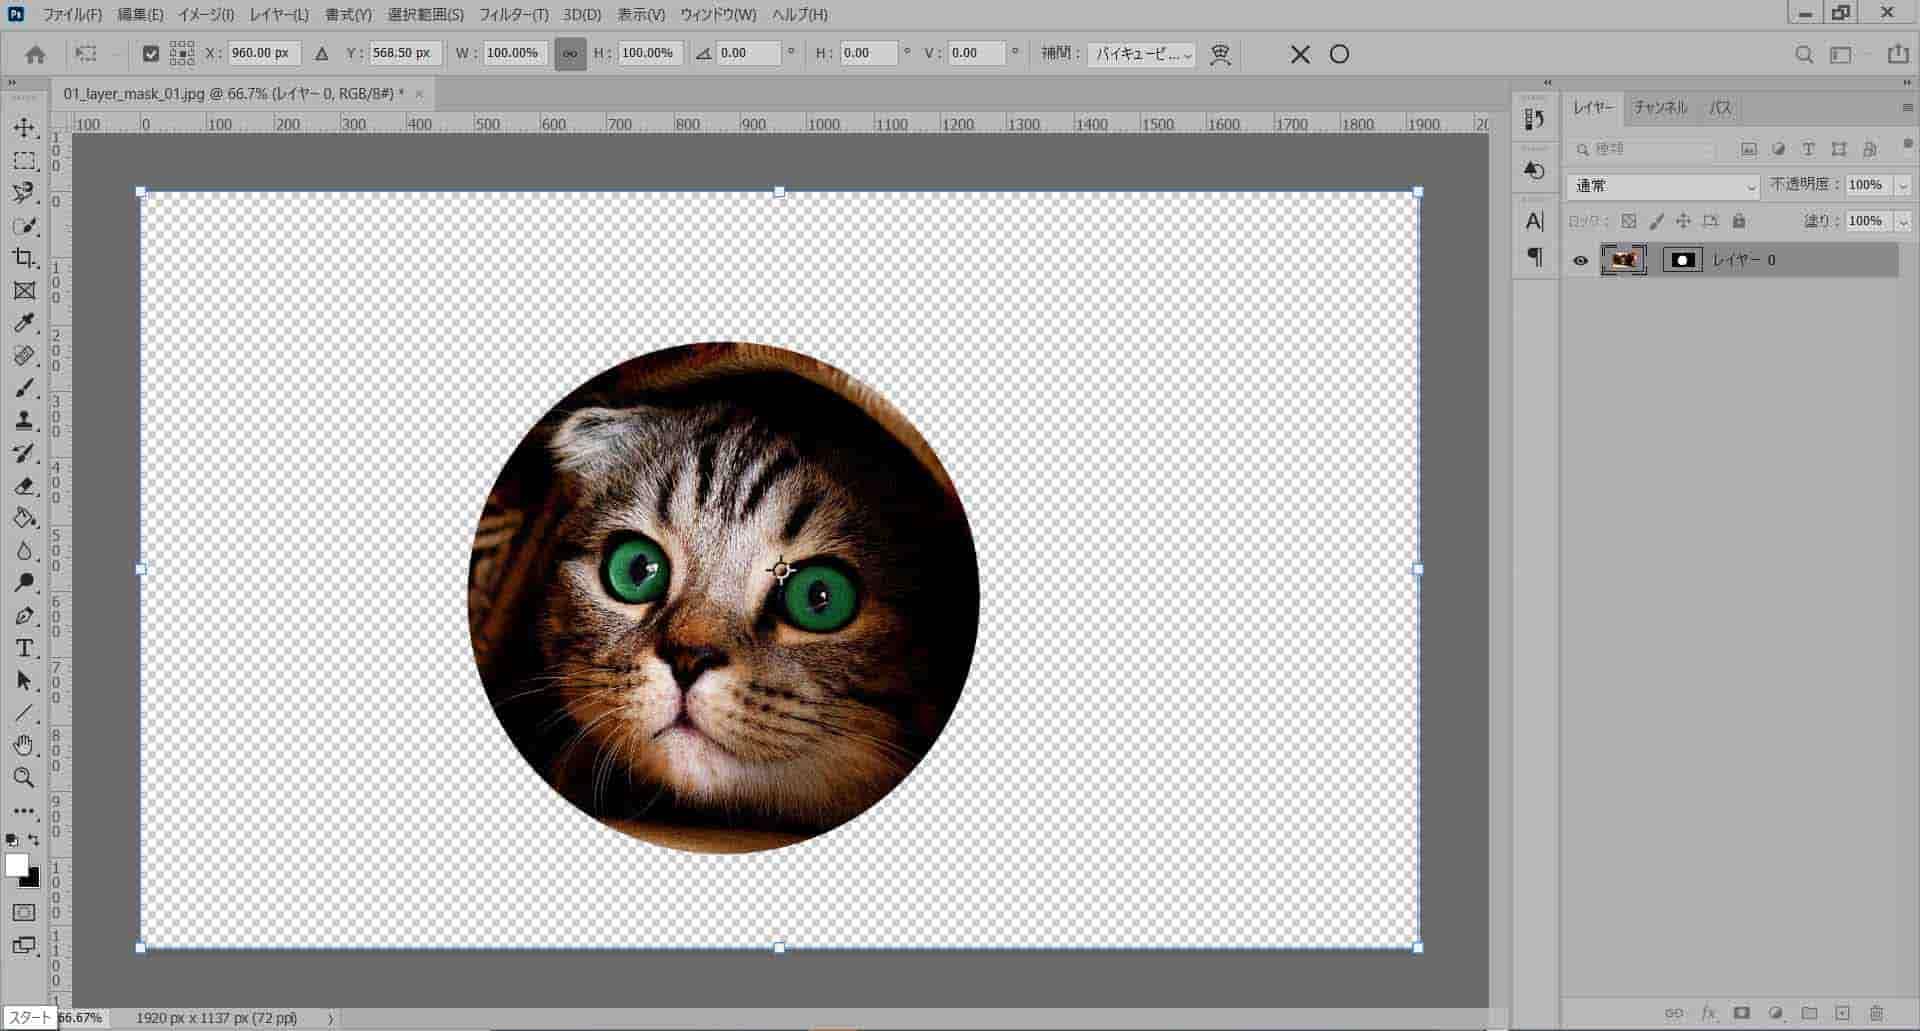 レイヤーマスクと元画像レイヤーの固定を解除して元画像を拡大・縮小する